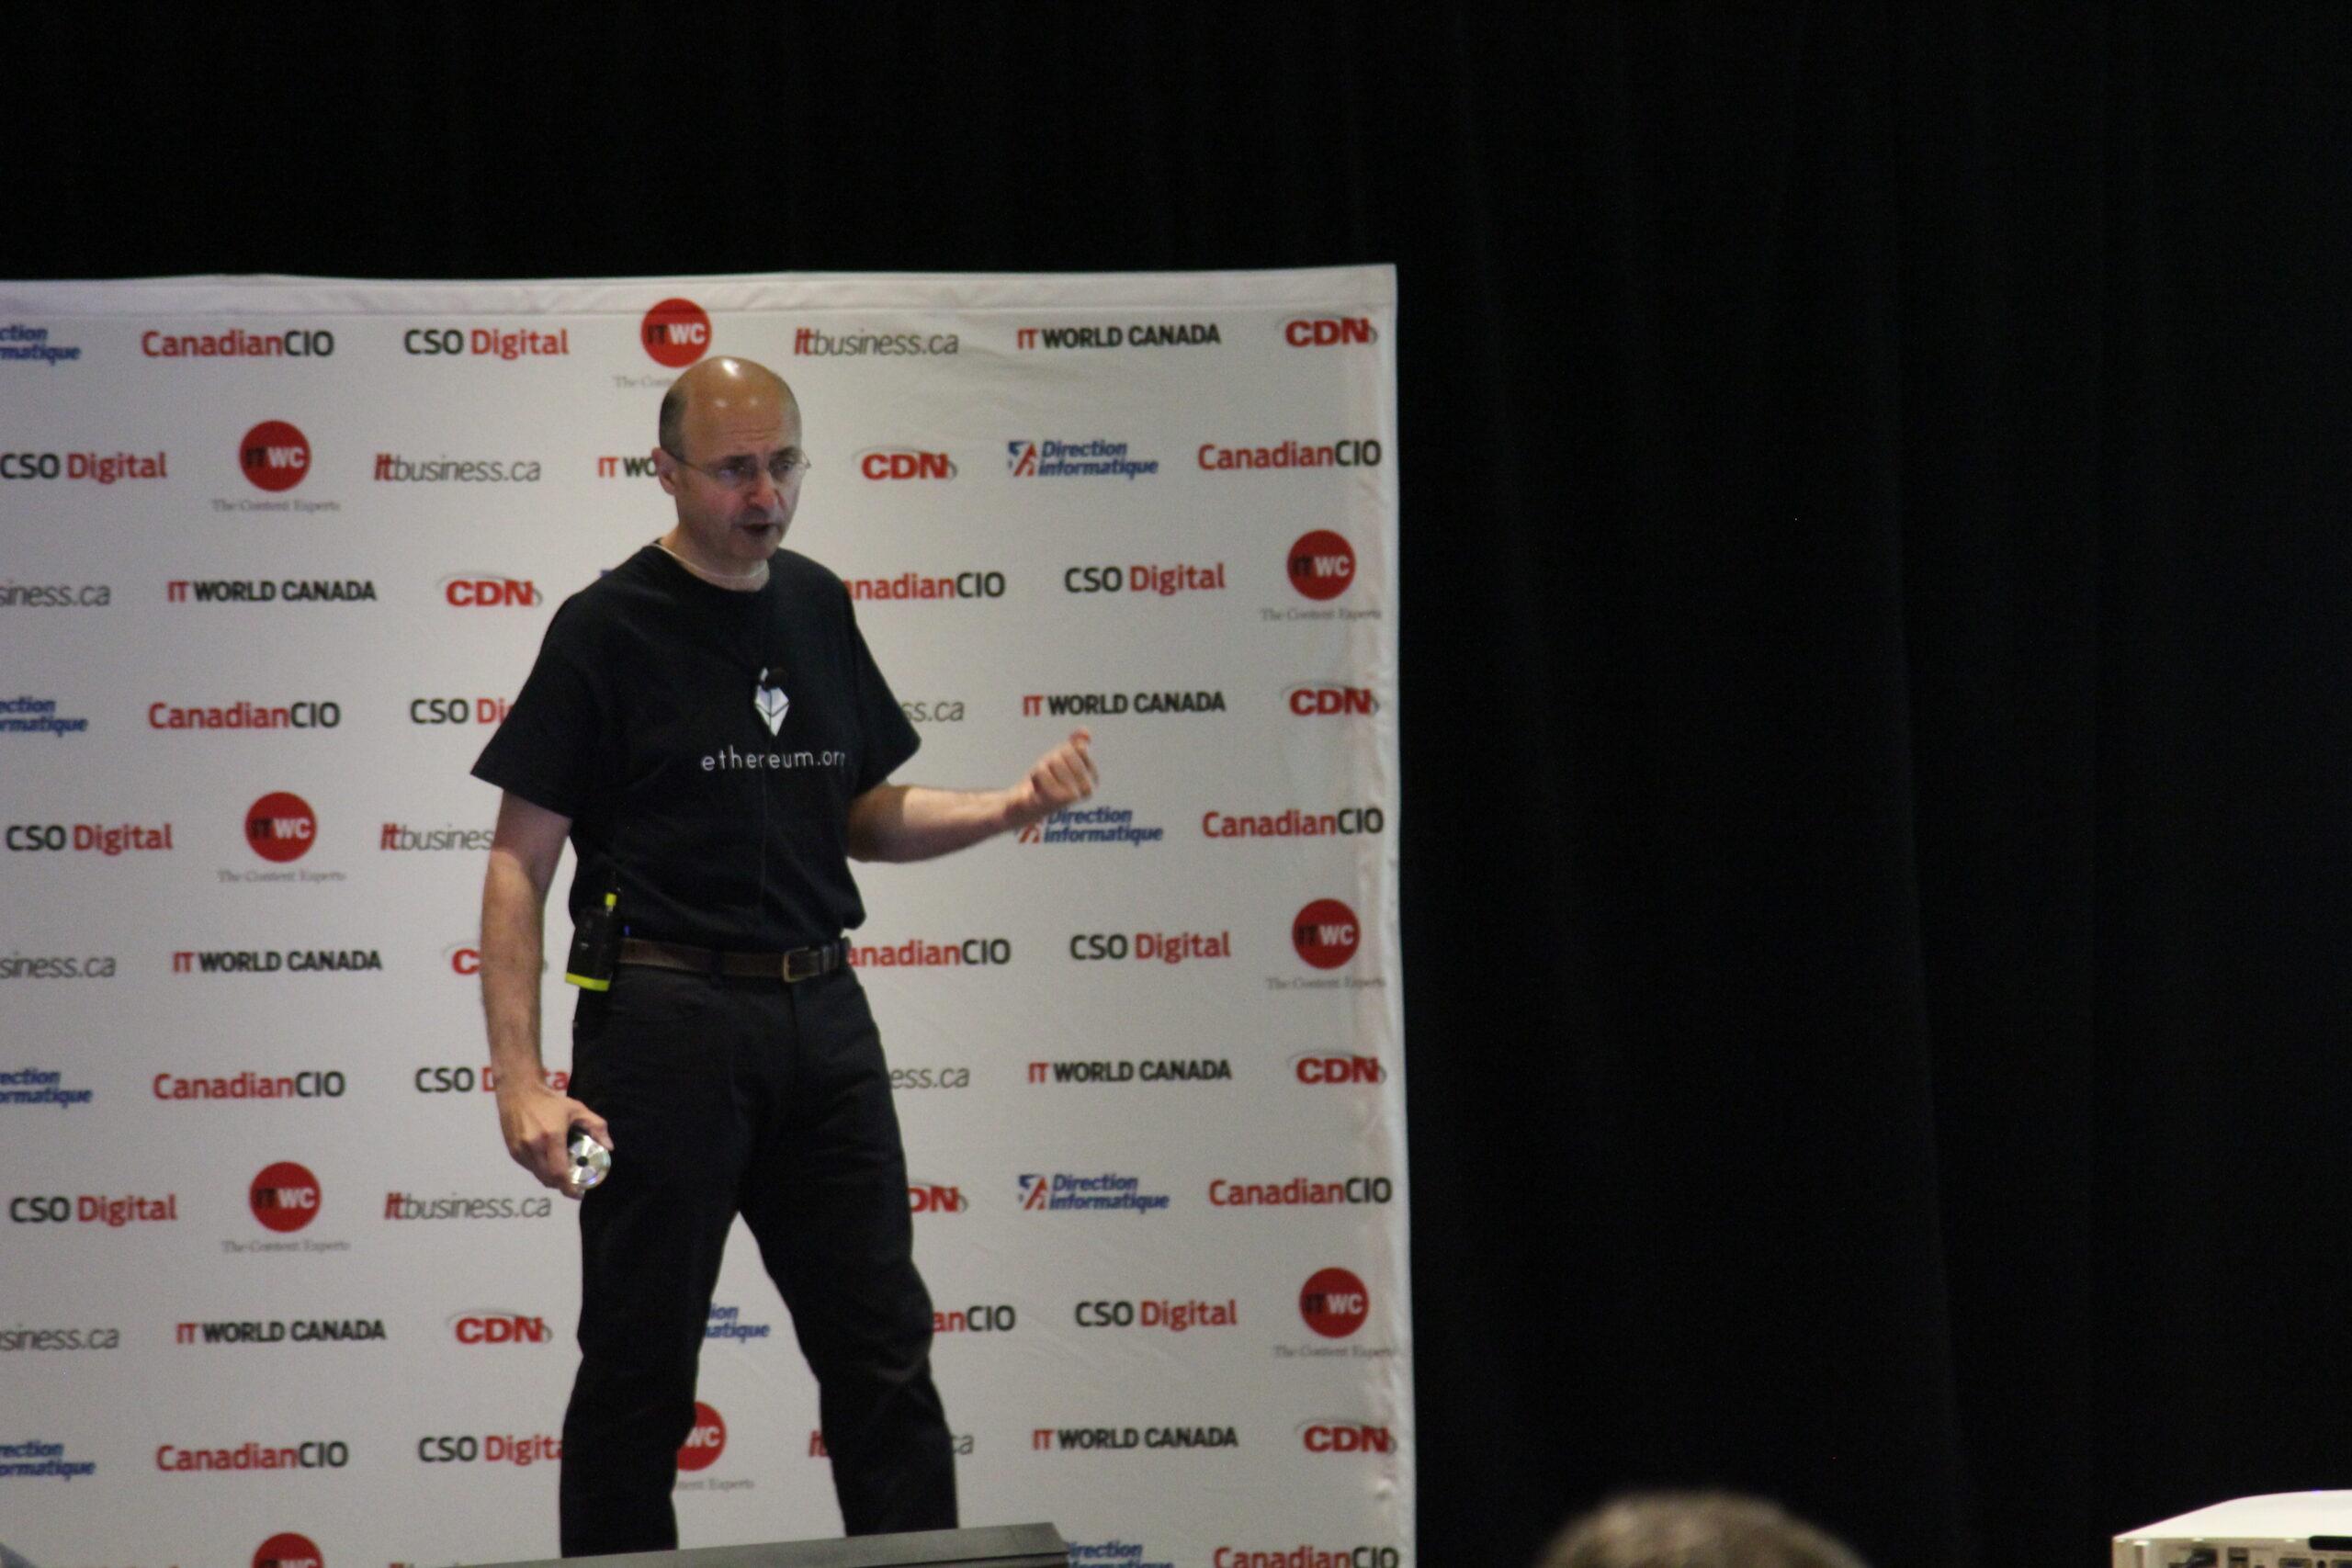 William Mougayar speaking at CIO Canadas CIO Summit 2016